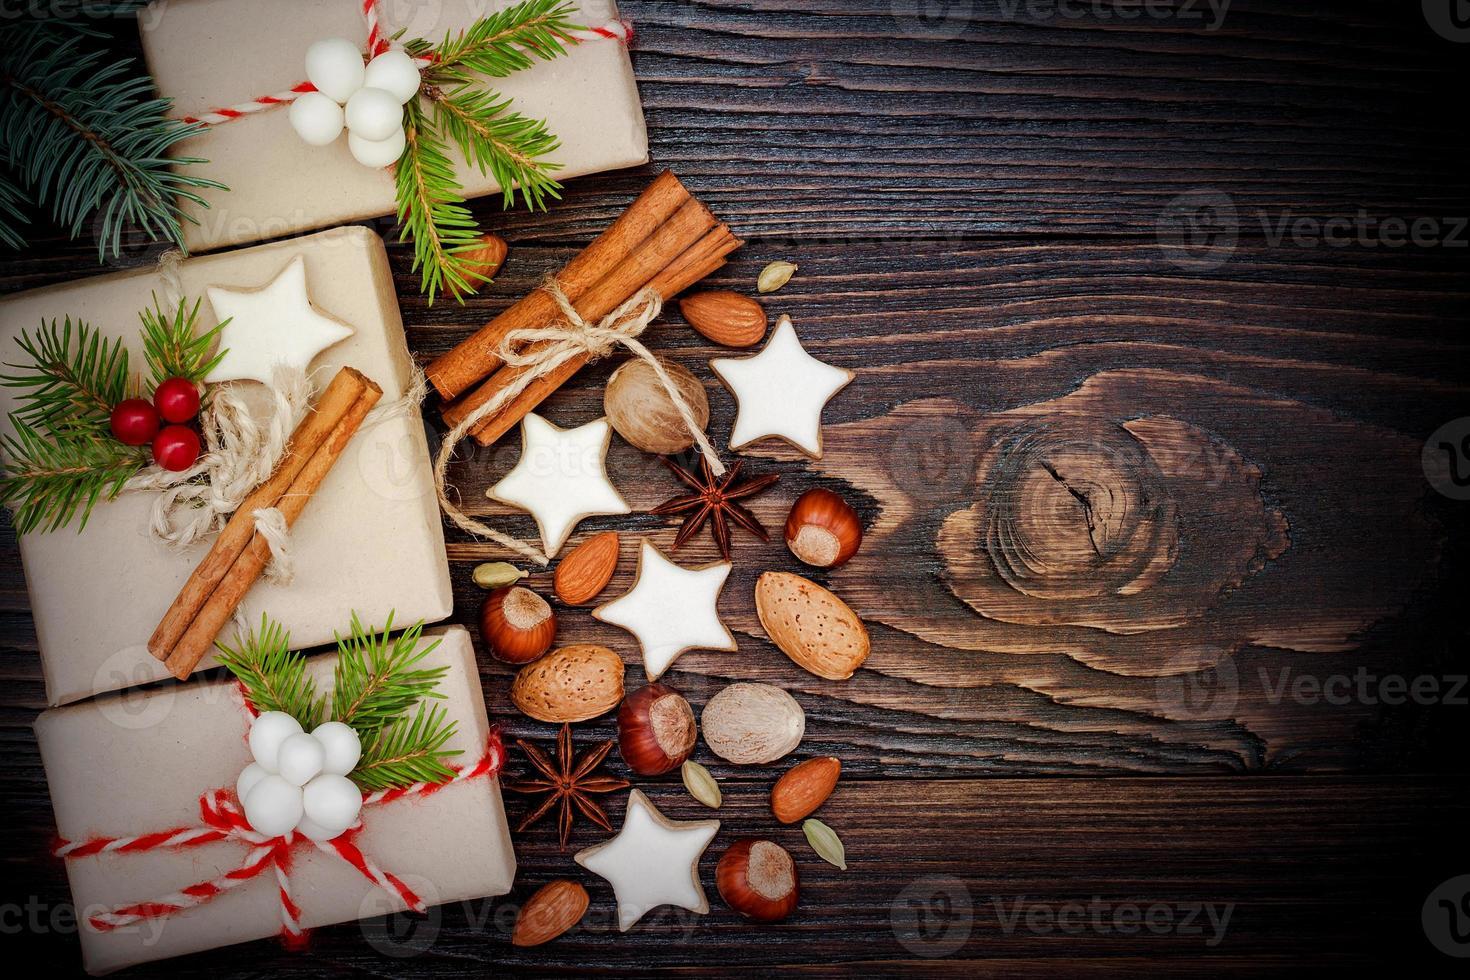 Weihnachtsgeschenke in Kisten auf einem hölzernen Hintergrund, Kopienraum foto